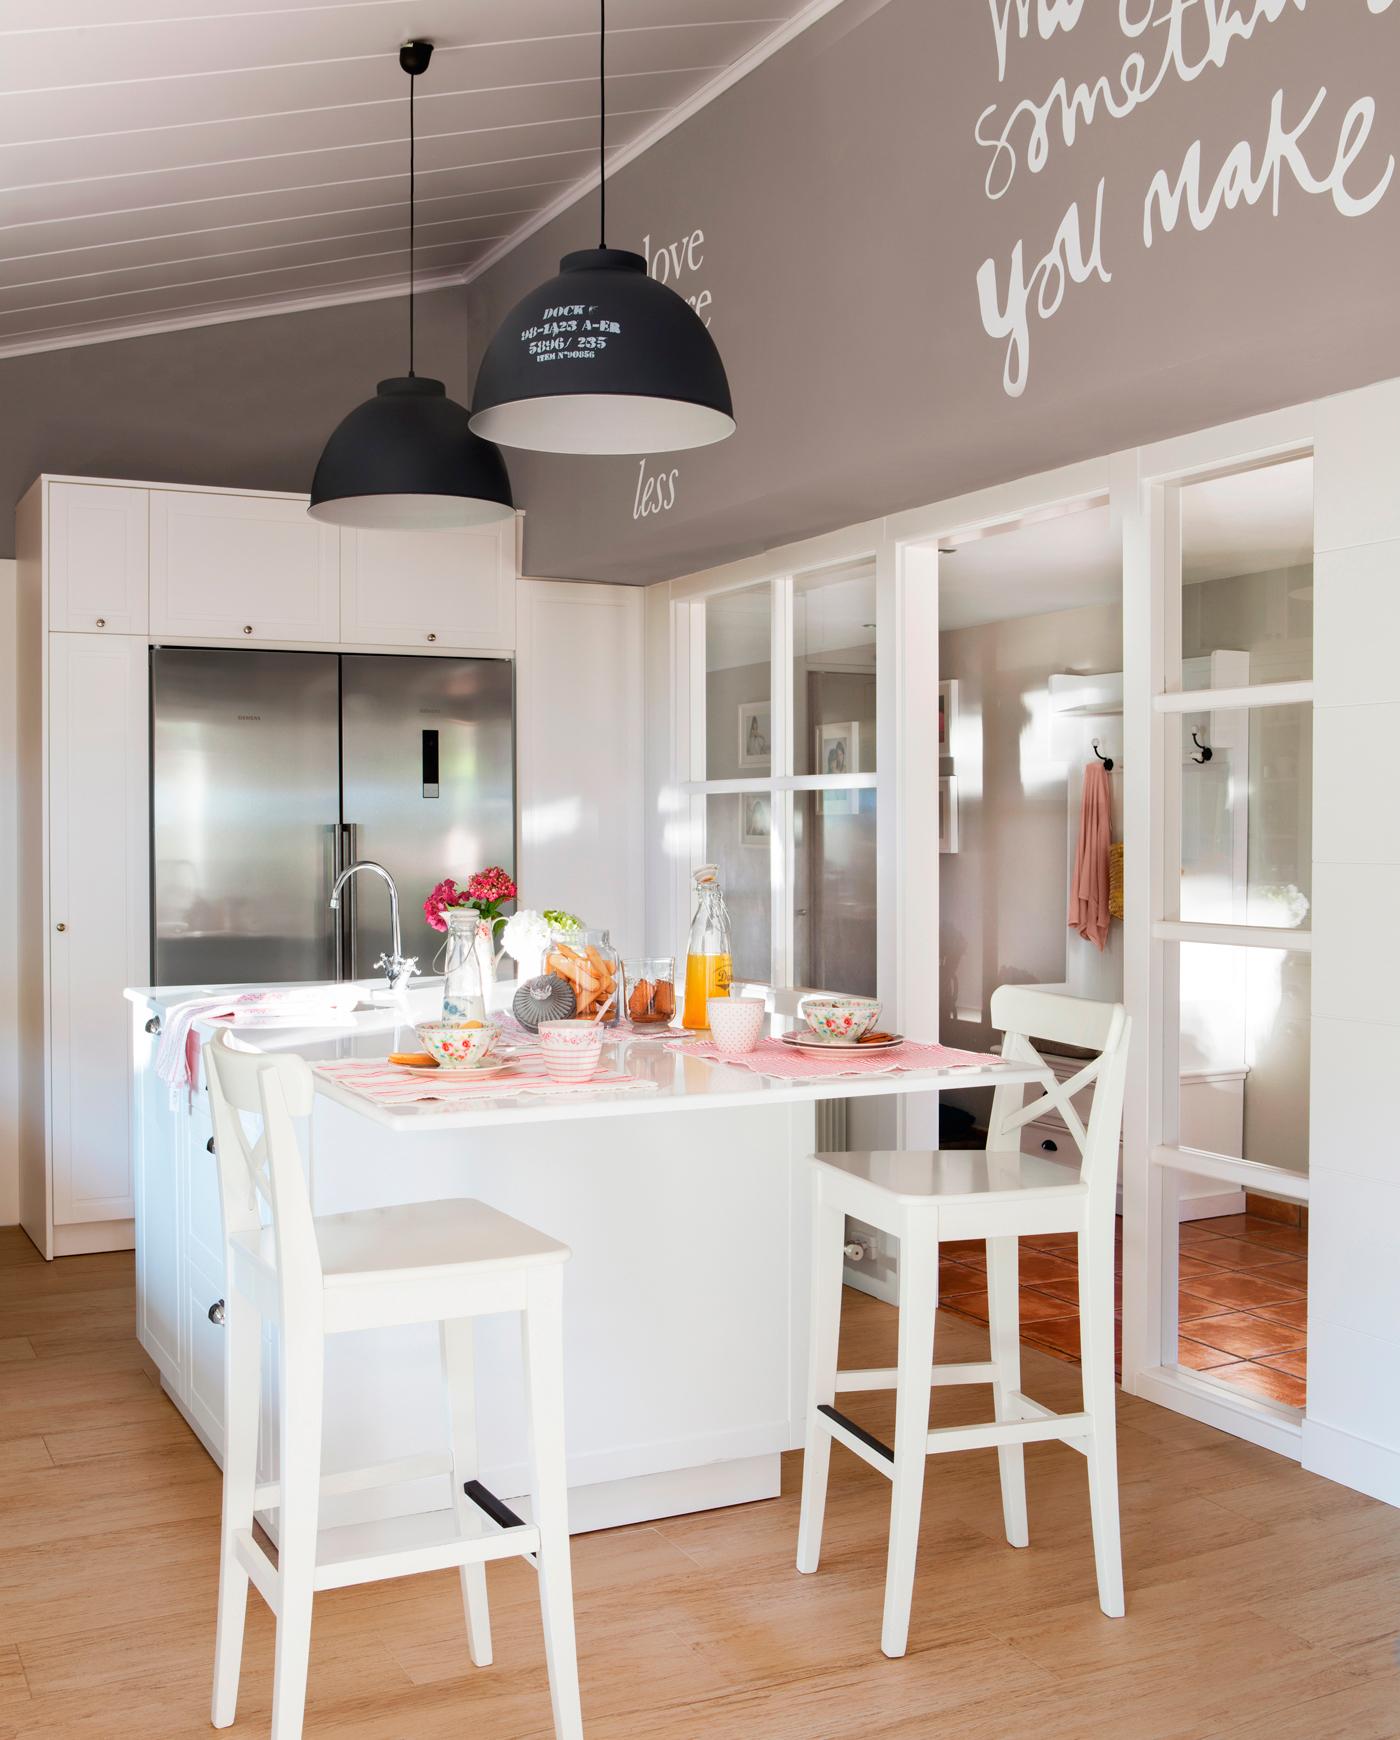 Decora tu casa con vinilos - Cocinas con vinilos ...